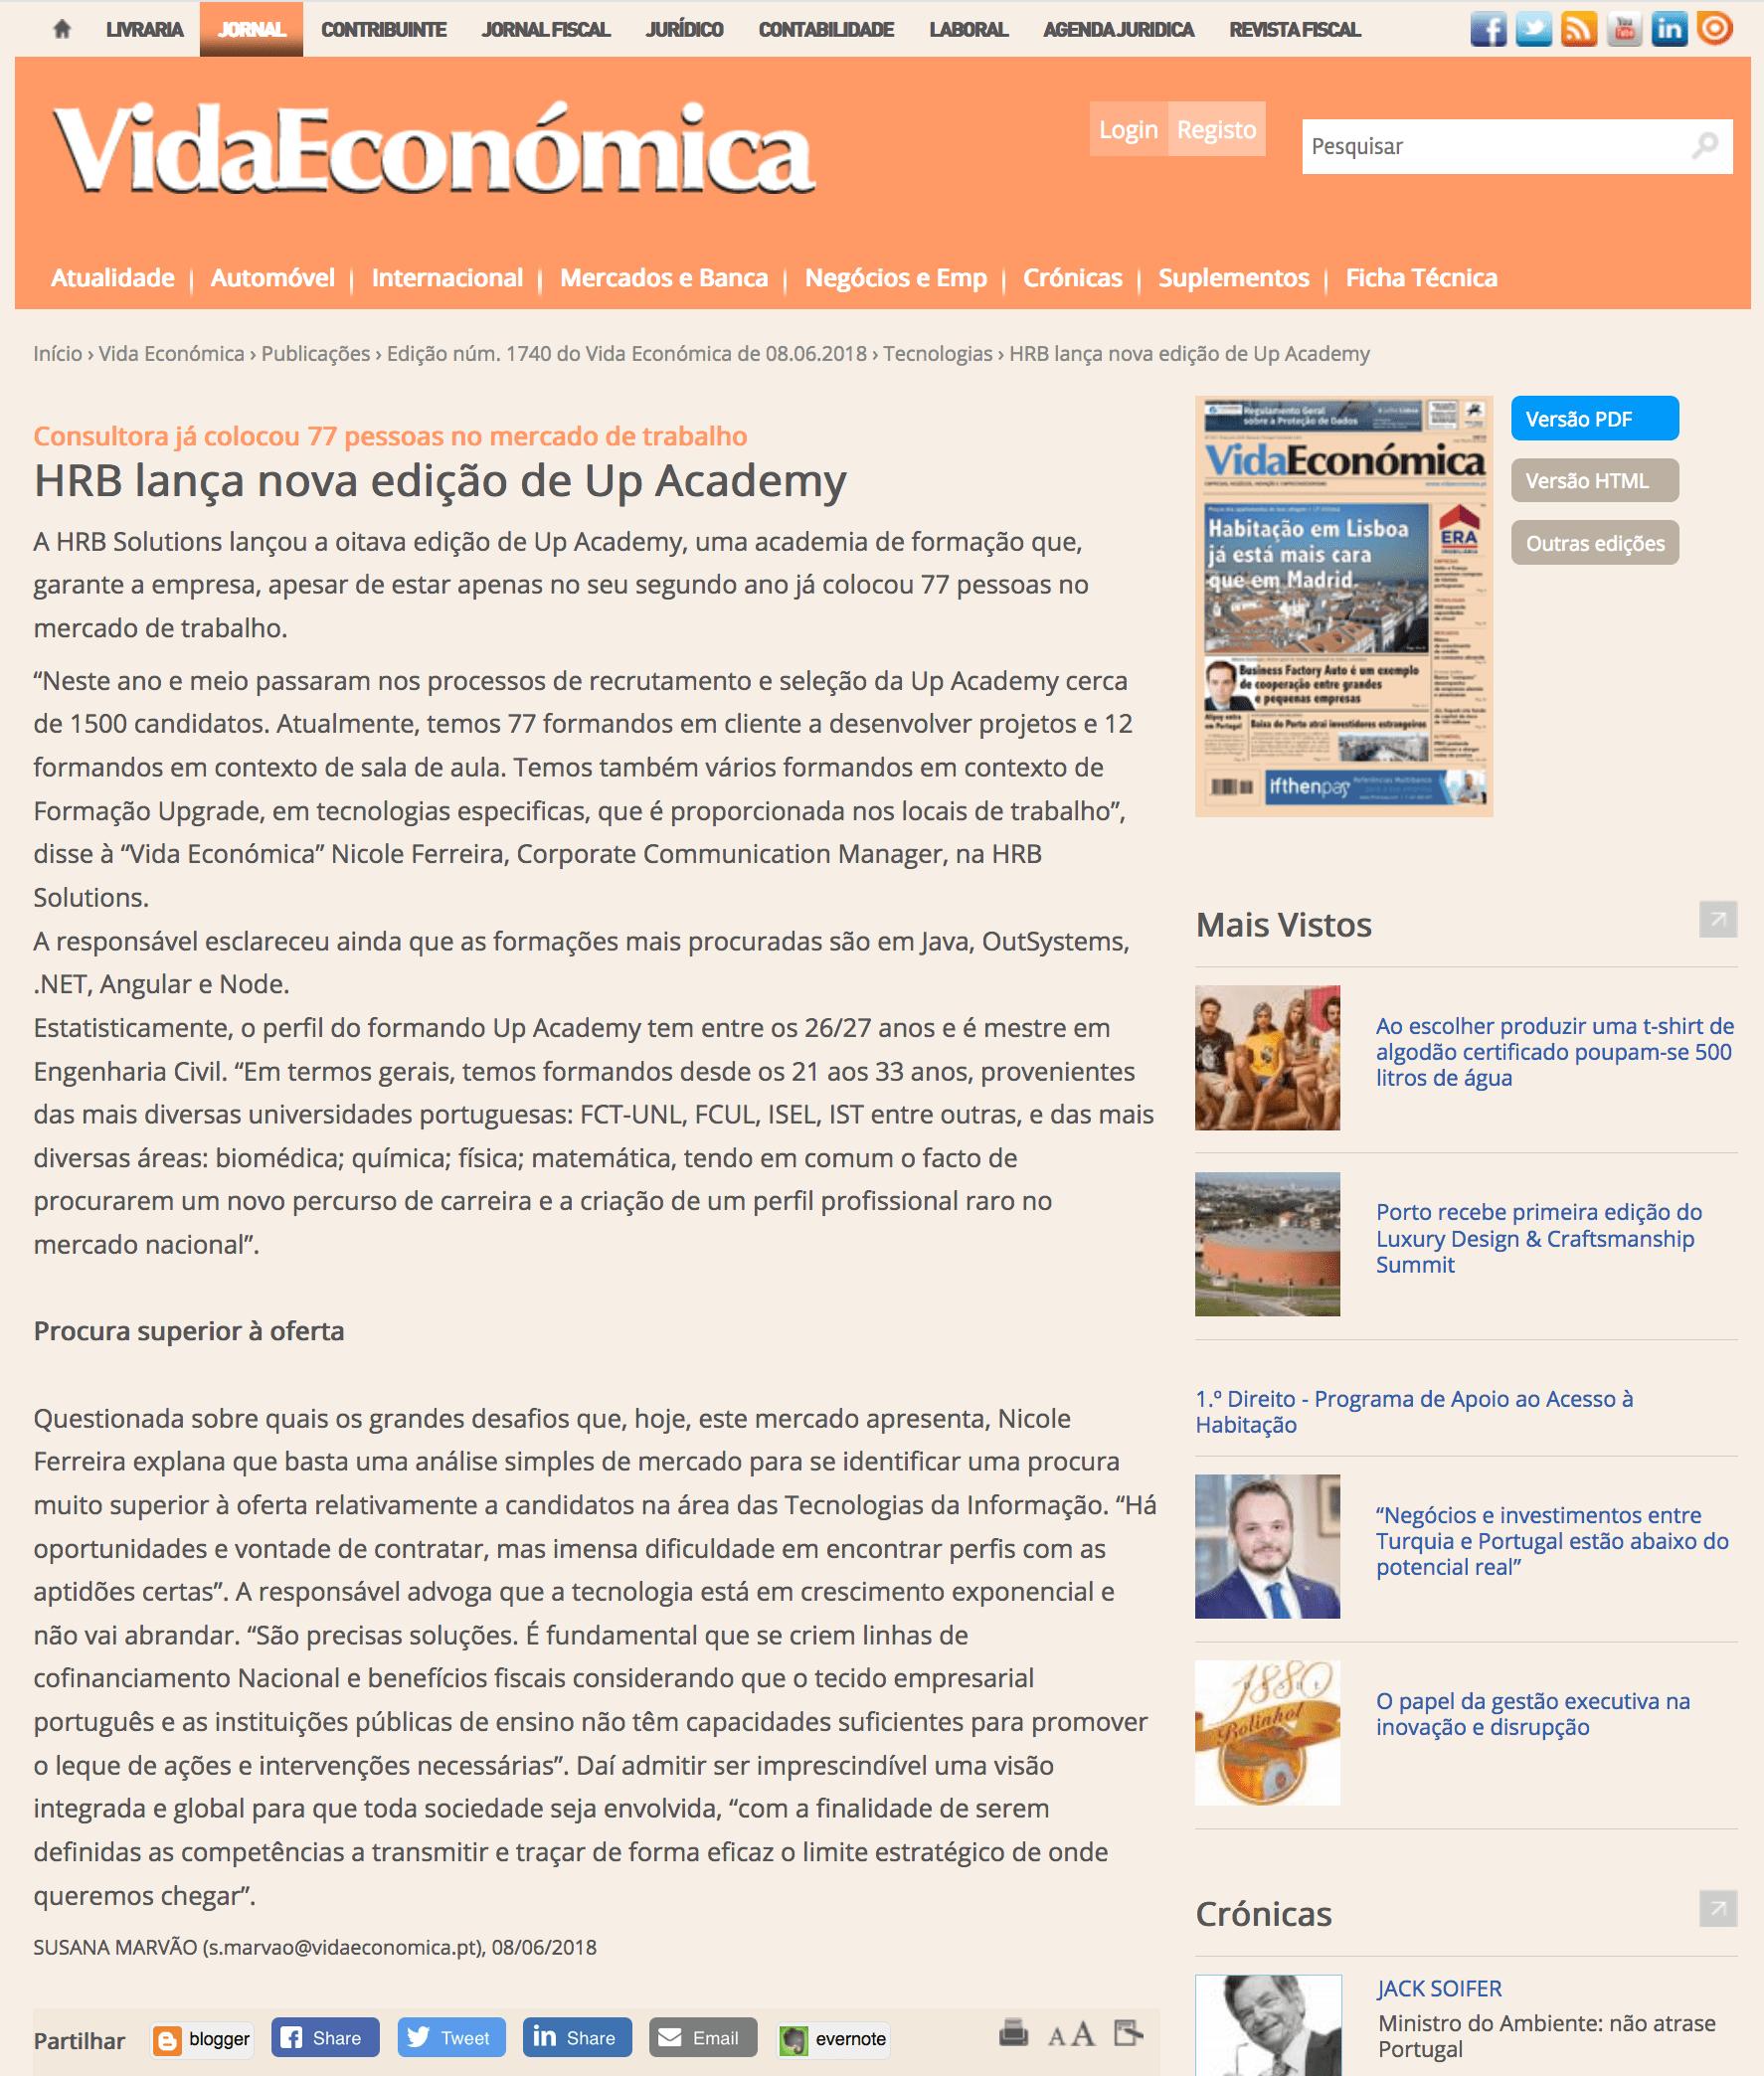 HRB lança nova edição de UP Academy - VidaEconómica